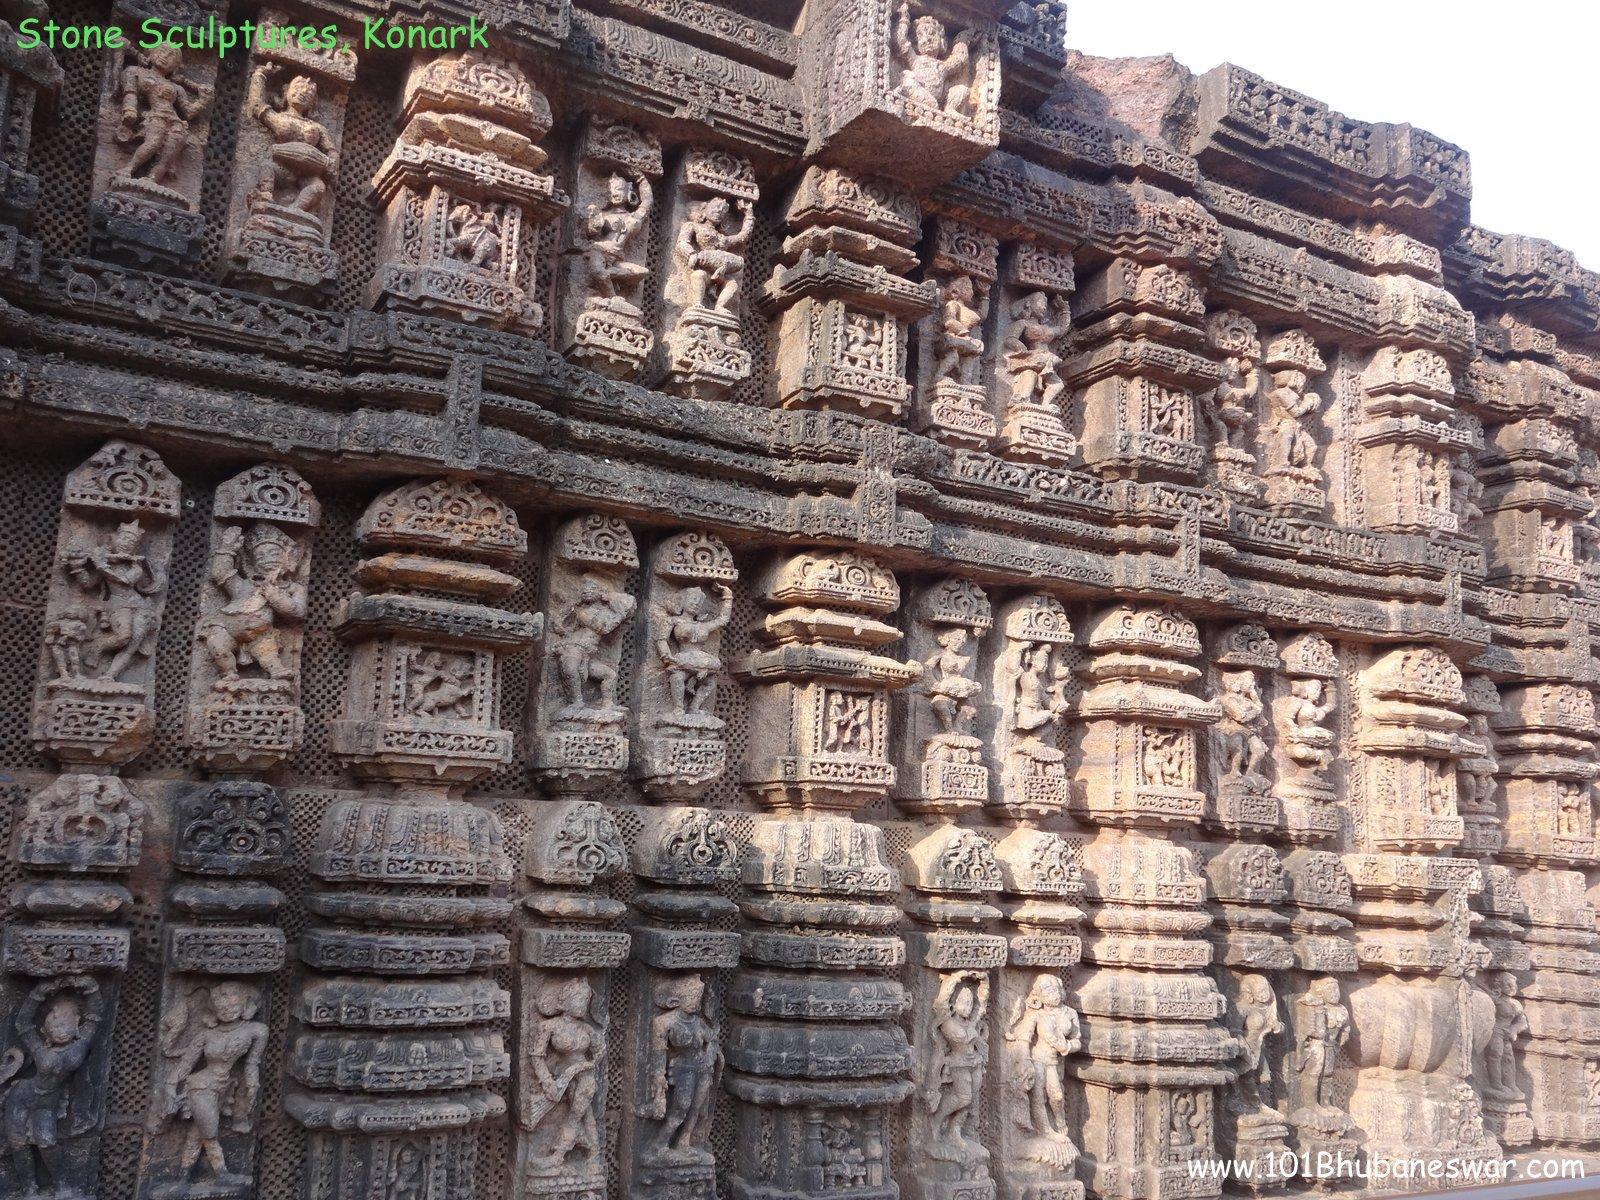 Stone Sculptures Sun Temple Konark